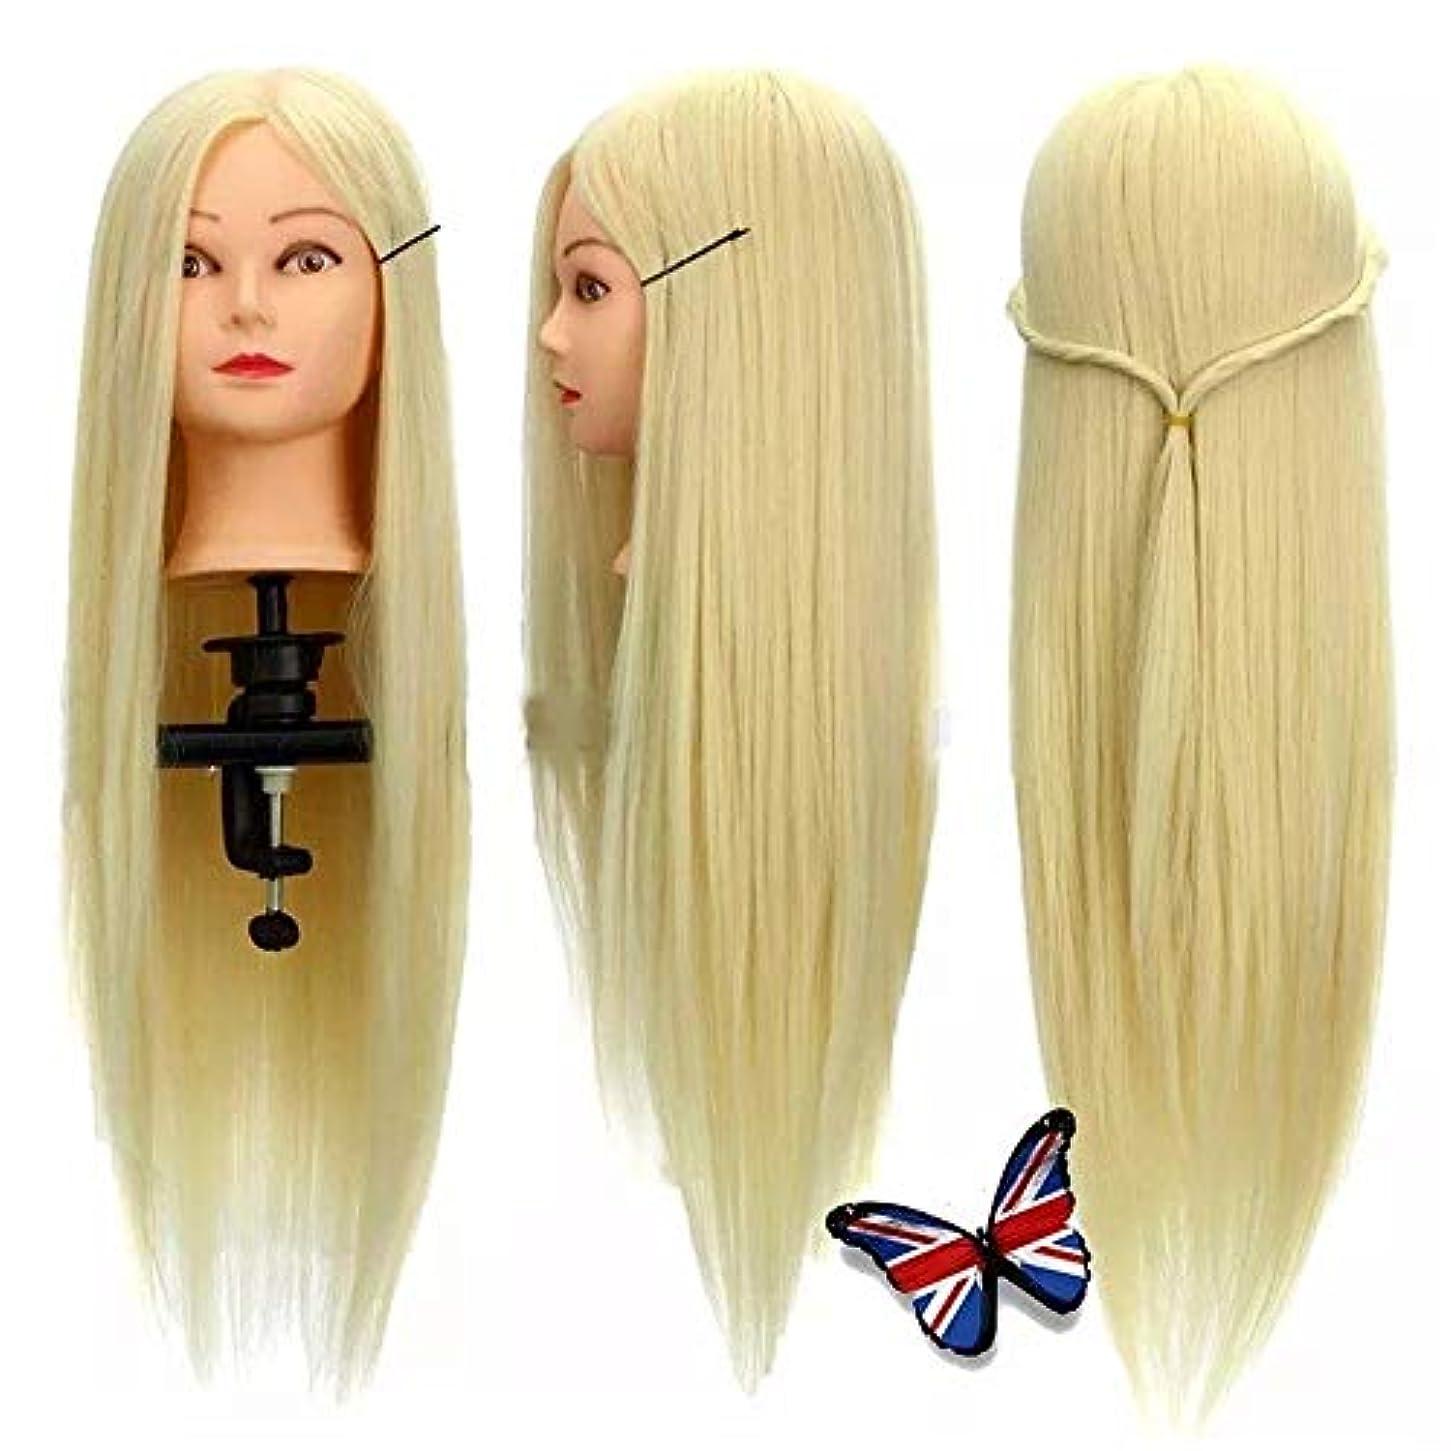 前部引用冒険家ウイッグ マネキンヘッド 30%の本物の人間の髪の毛のトレーニング頭部サロン理髪カットマネキンでクランプでクランプホルダ 練習用 (色 : Blonde, サイズ : As picture shows)